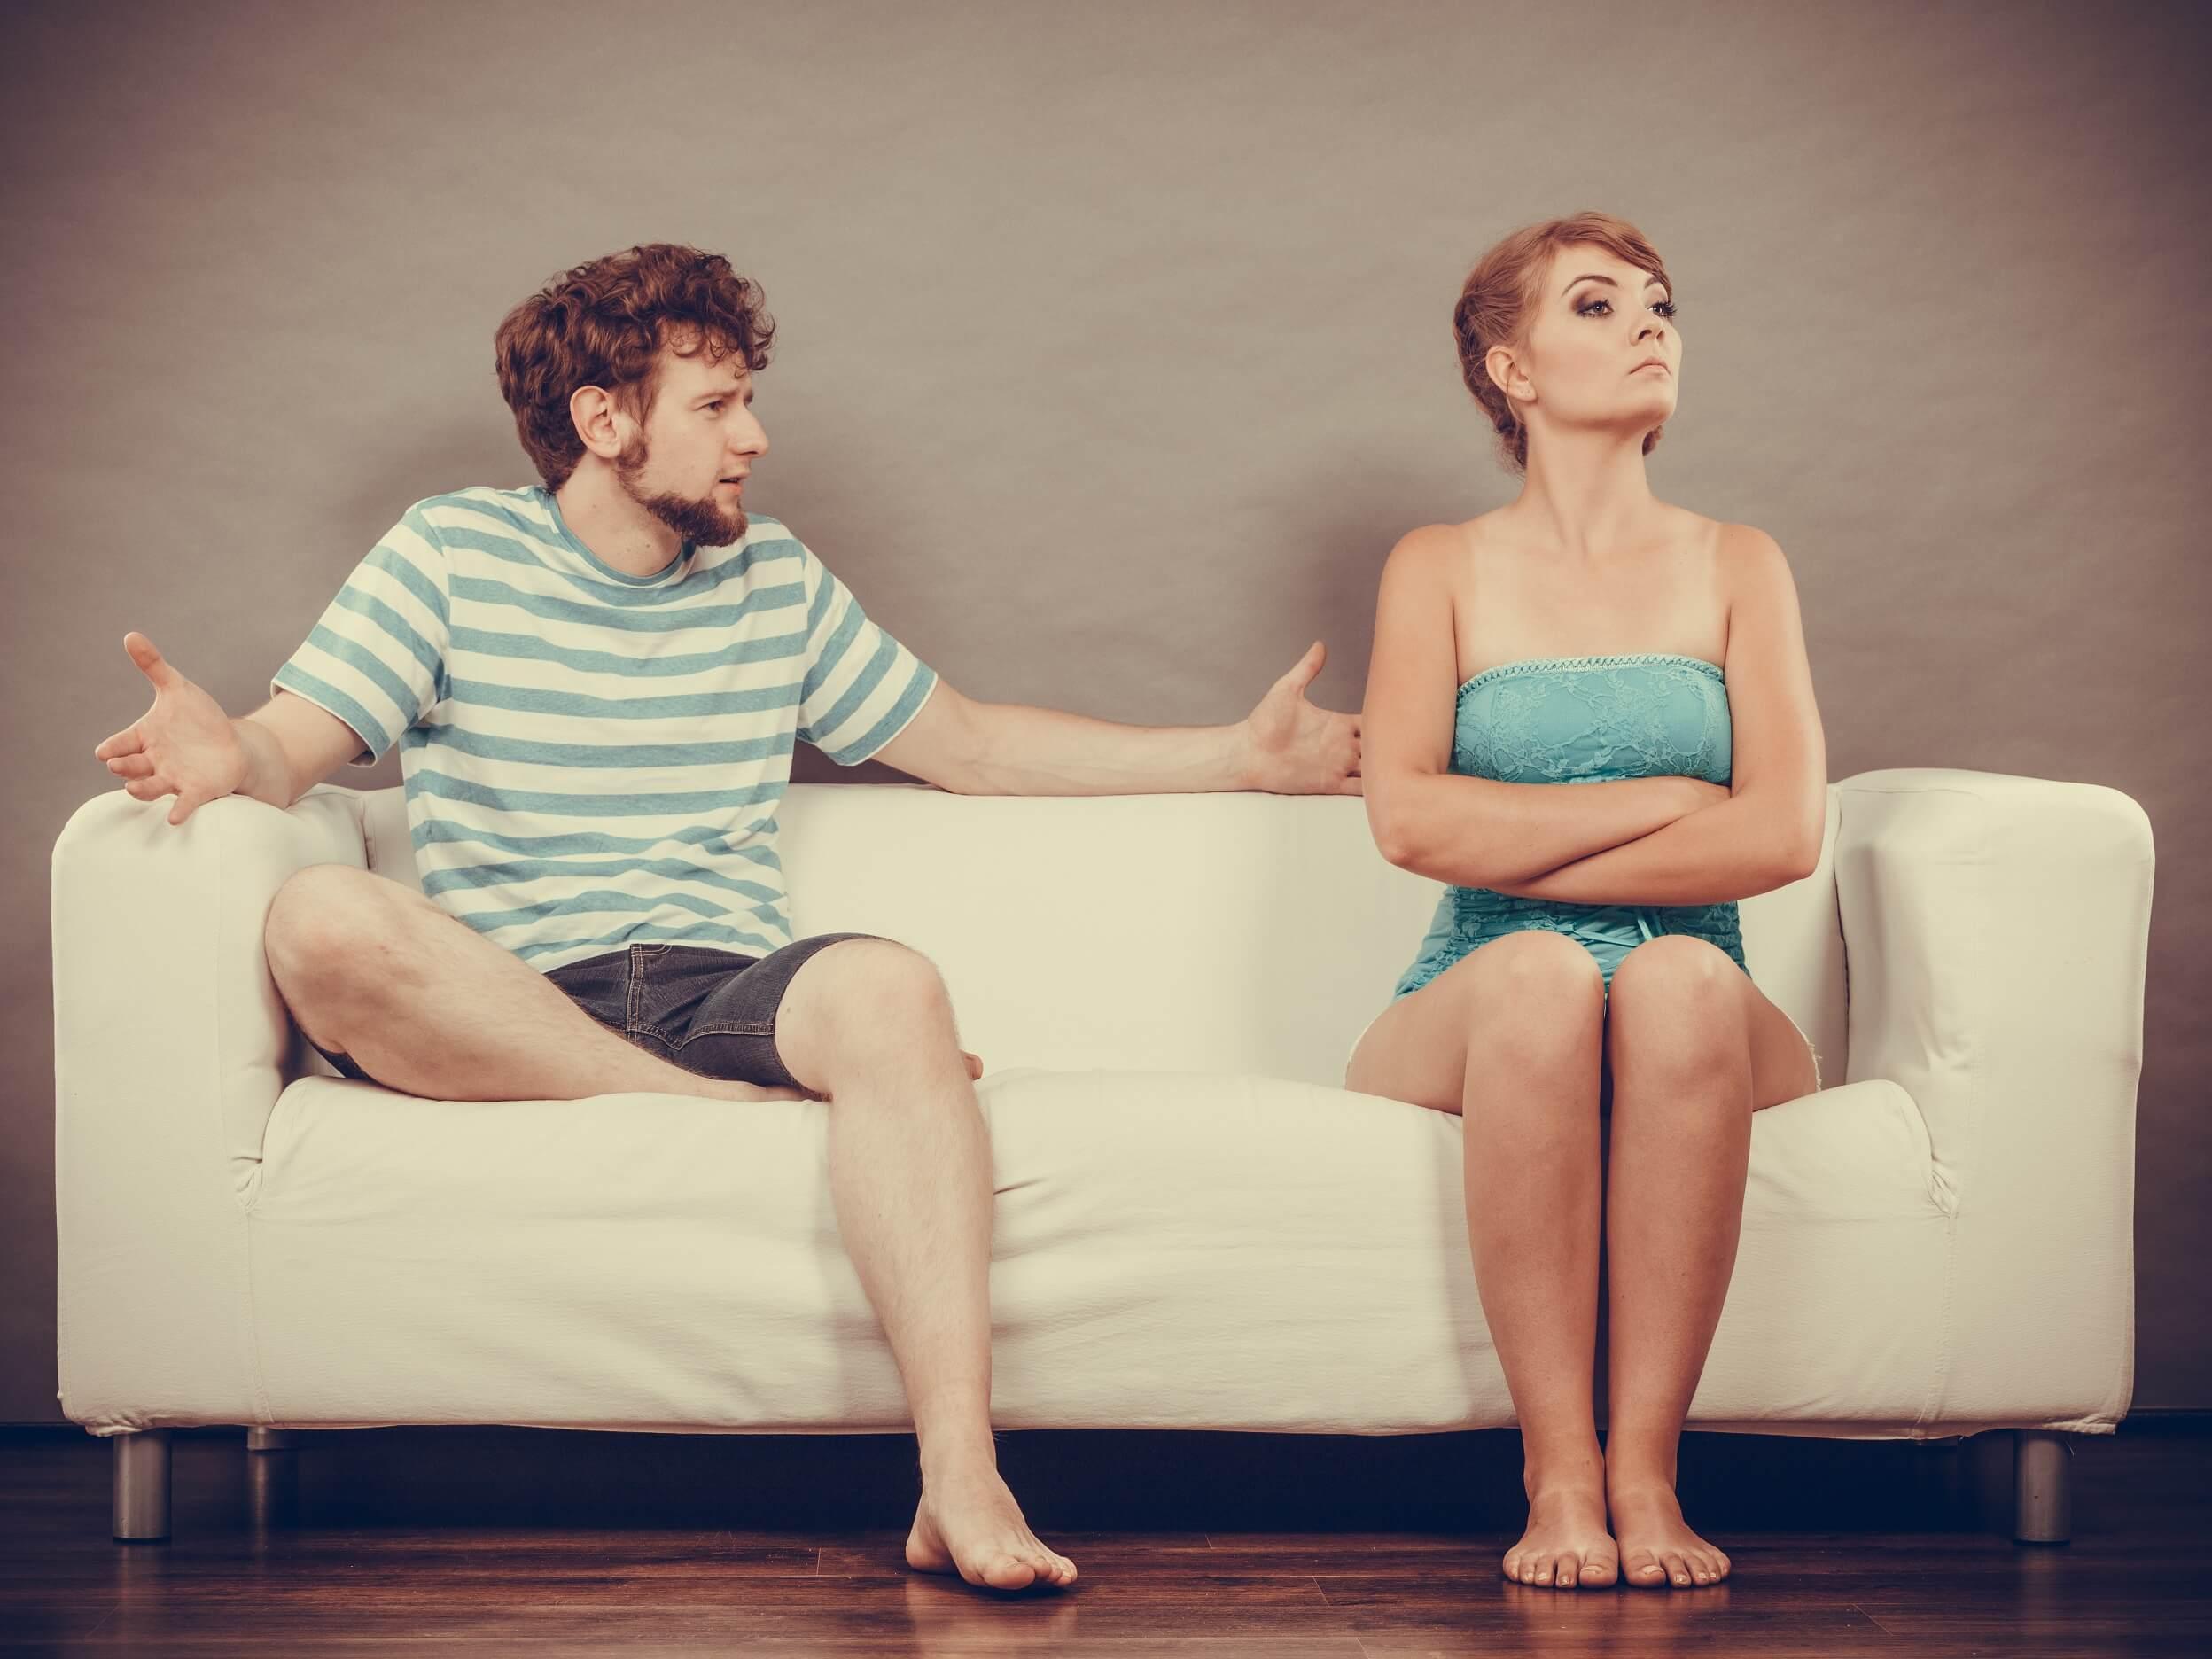 5 señales que indican una relación poco saludable